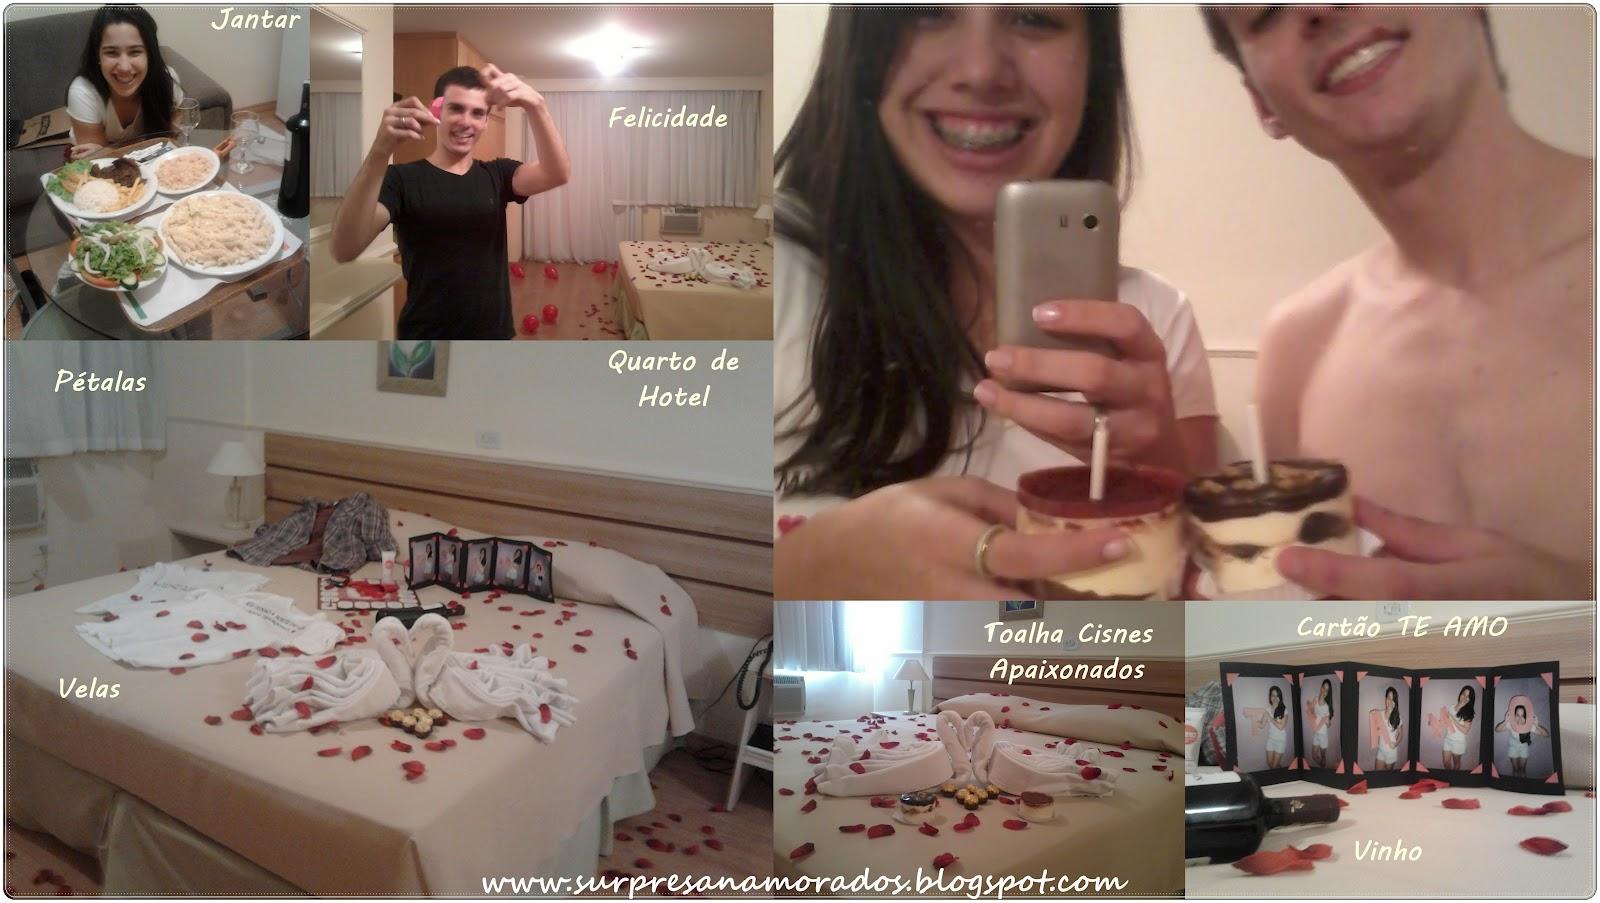 Surpresa no quarto de hotel  Surpresas para Namorados